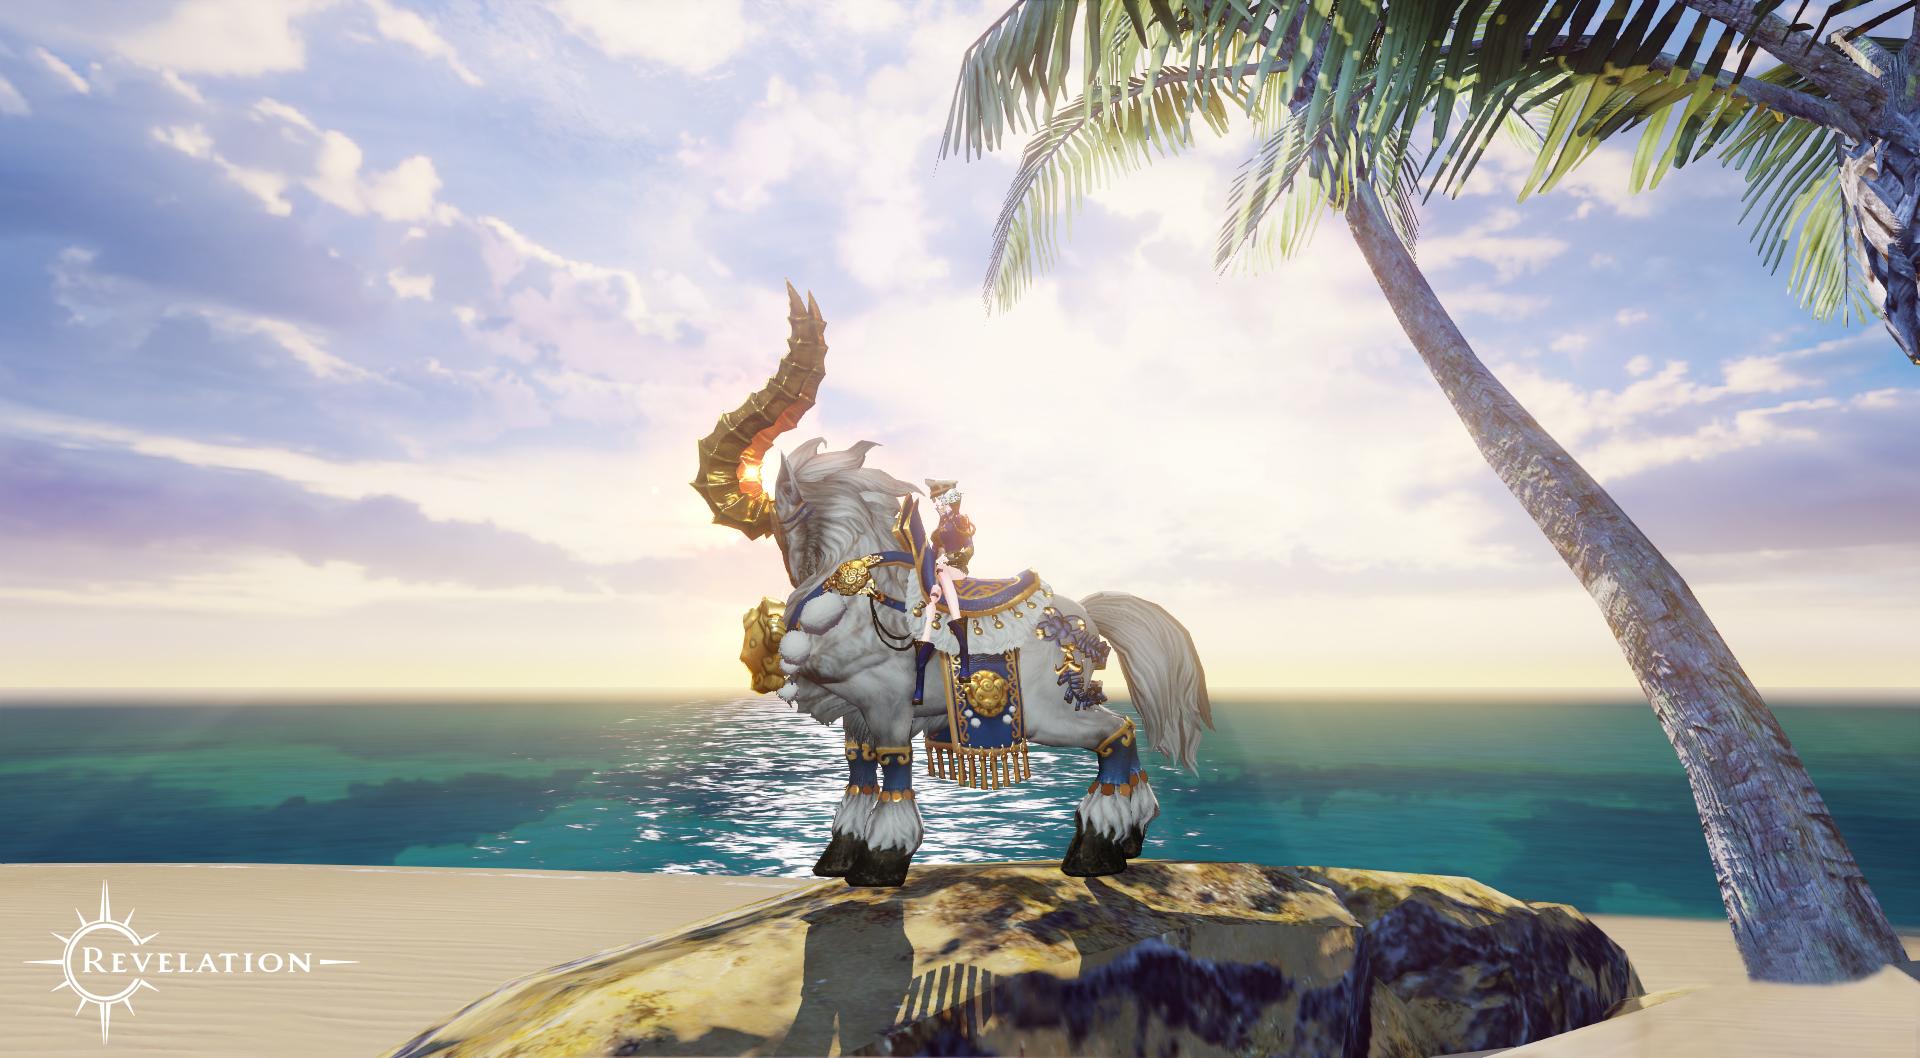 Revelation Online: Mounts trotz Flügel? Warum nicht?